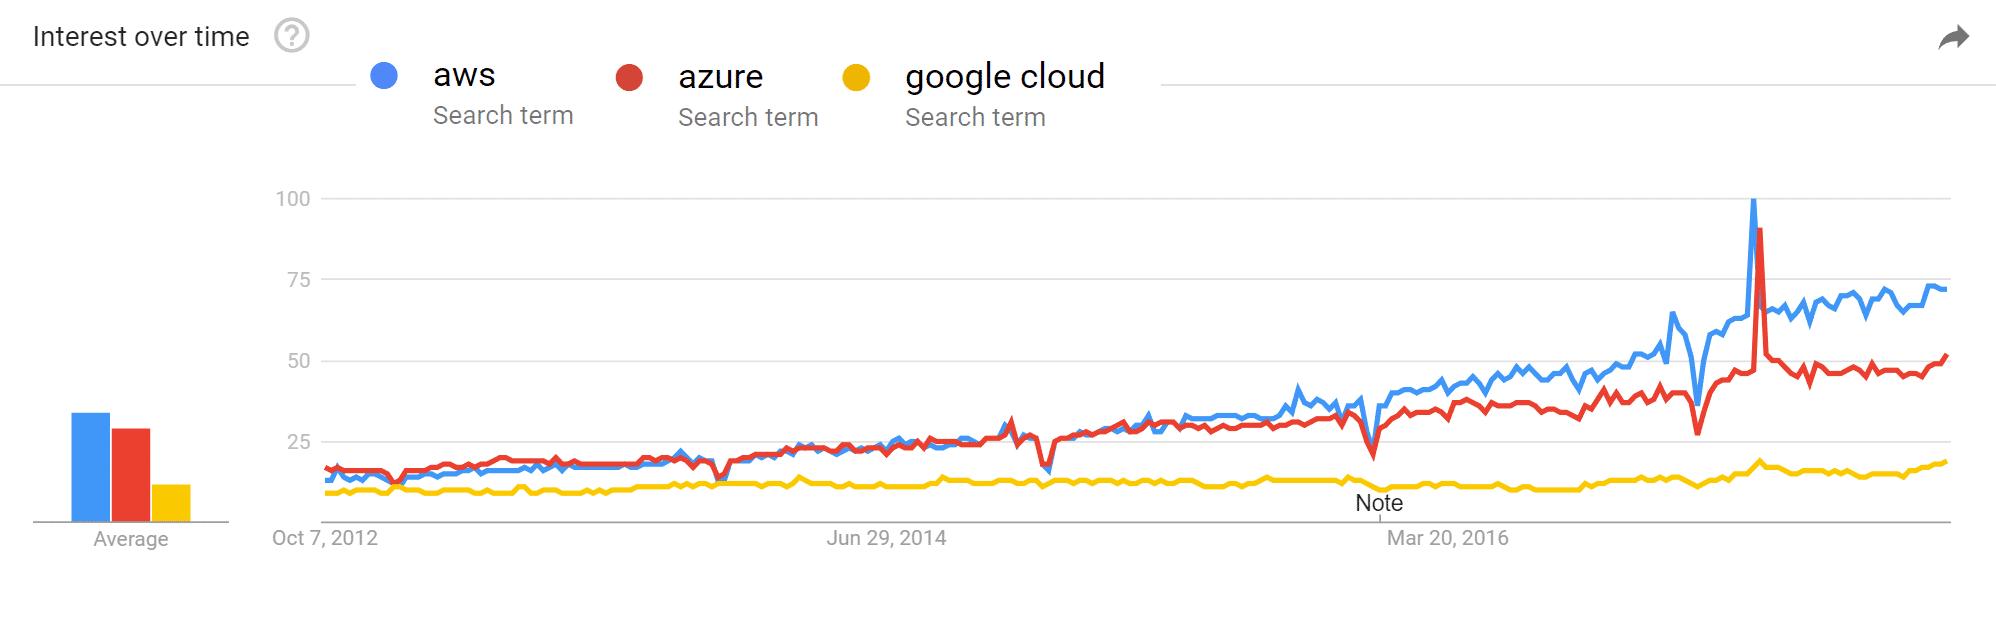 Tendances Google sur les fournisseurs de cloud computing